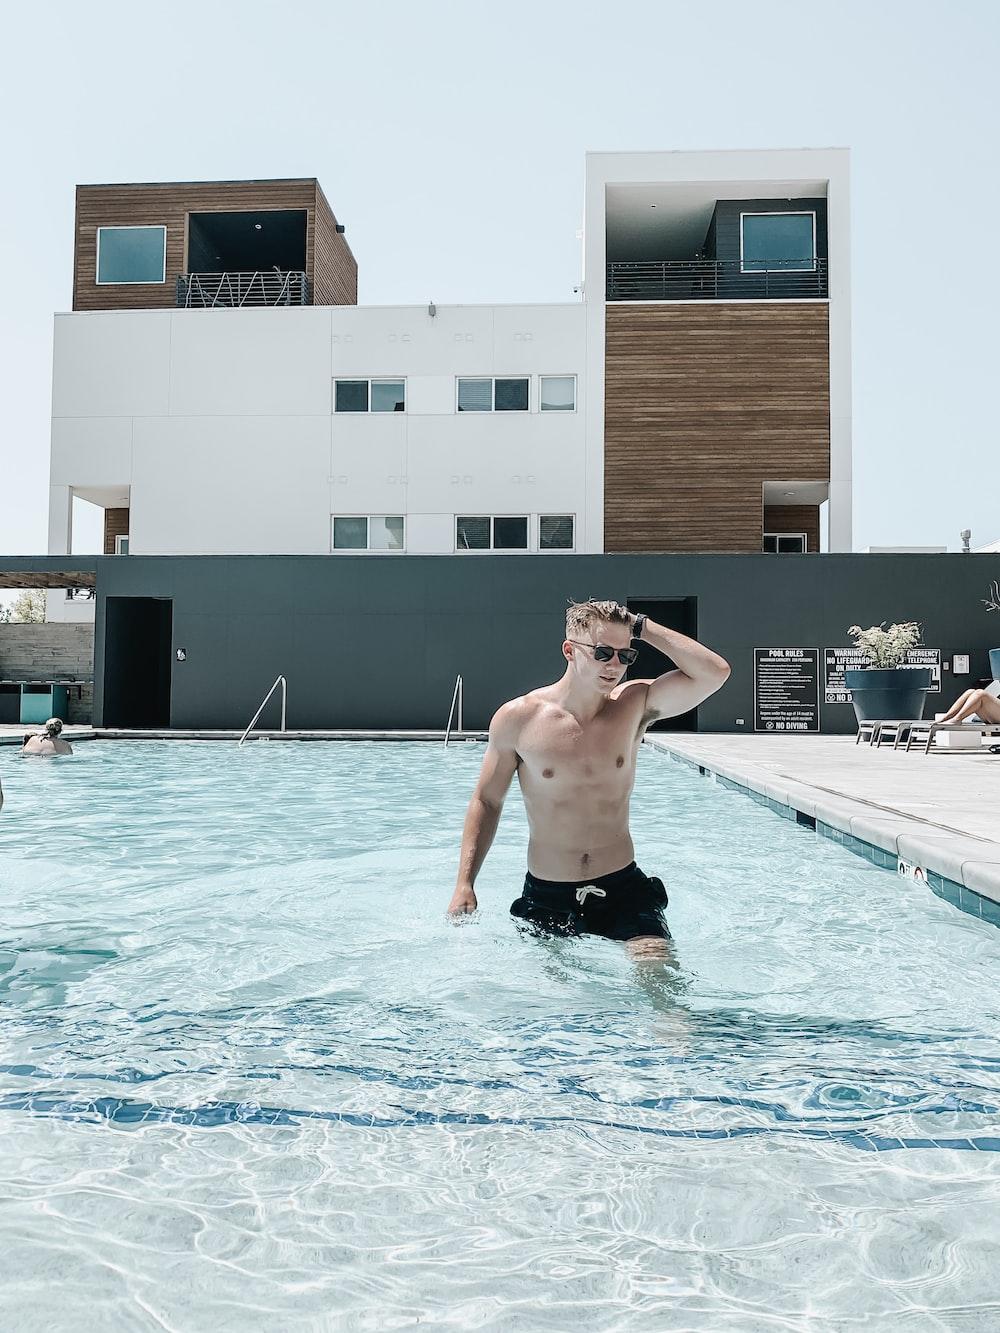 man swimming on swimming pool during daytime